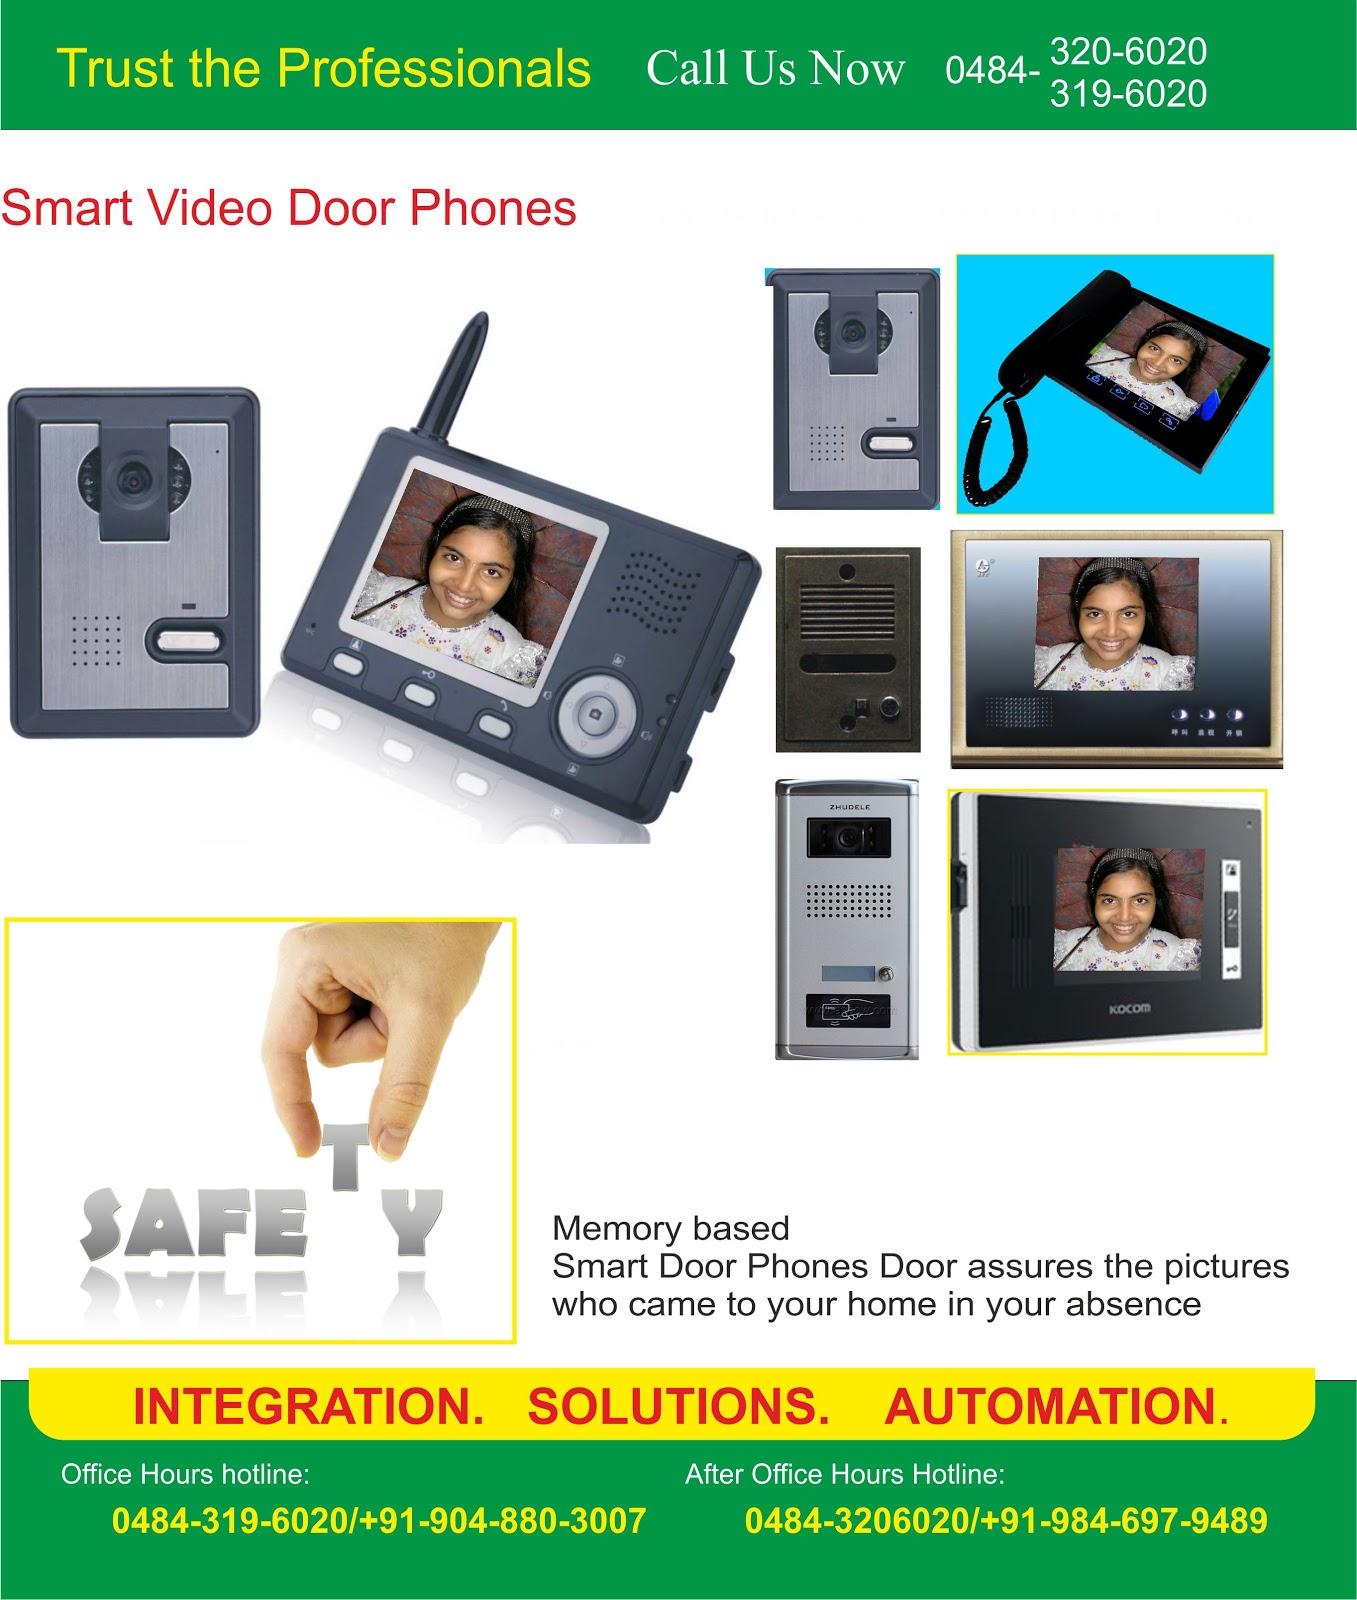 Global e-Solutions: Video Door Phones in india